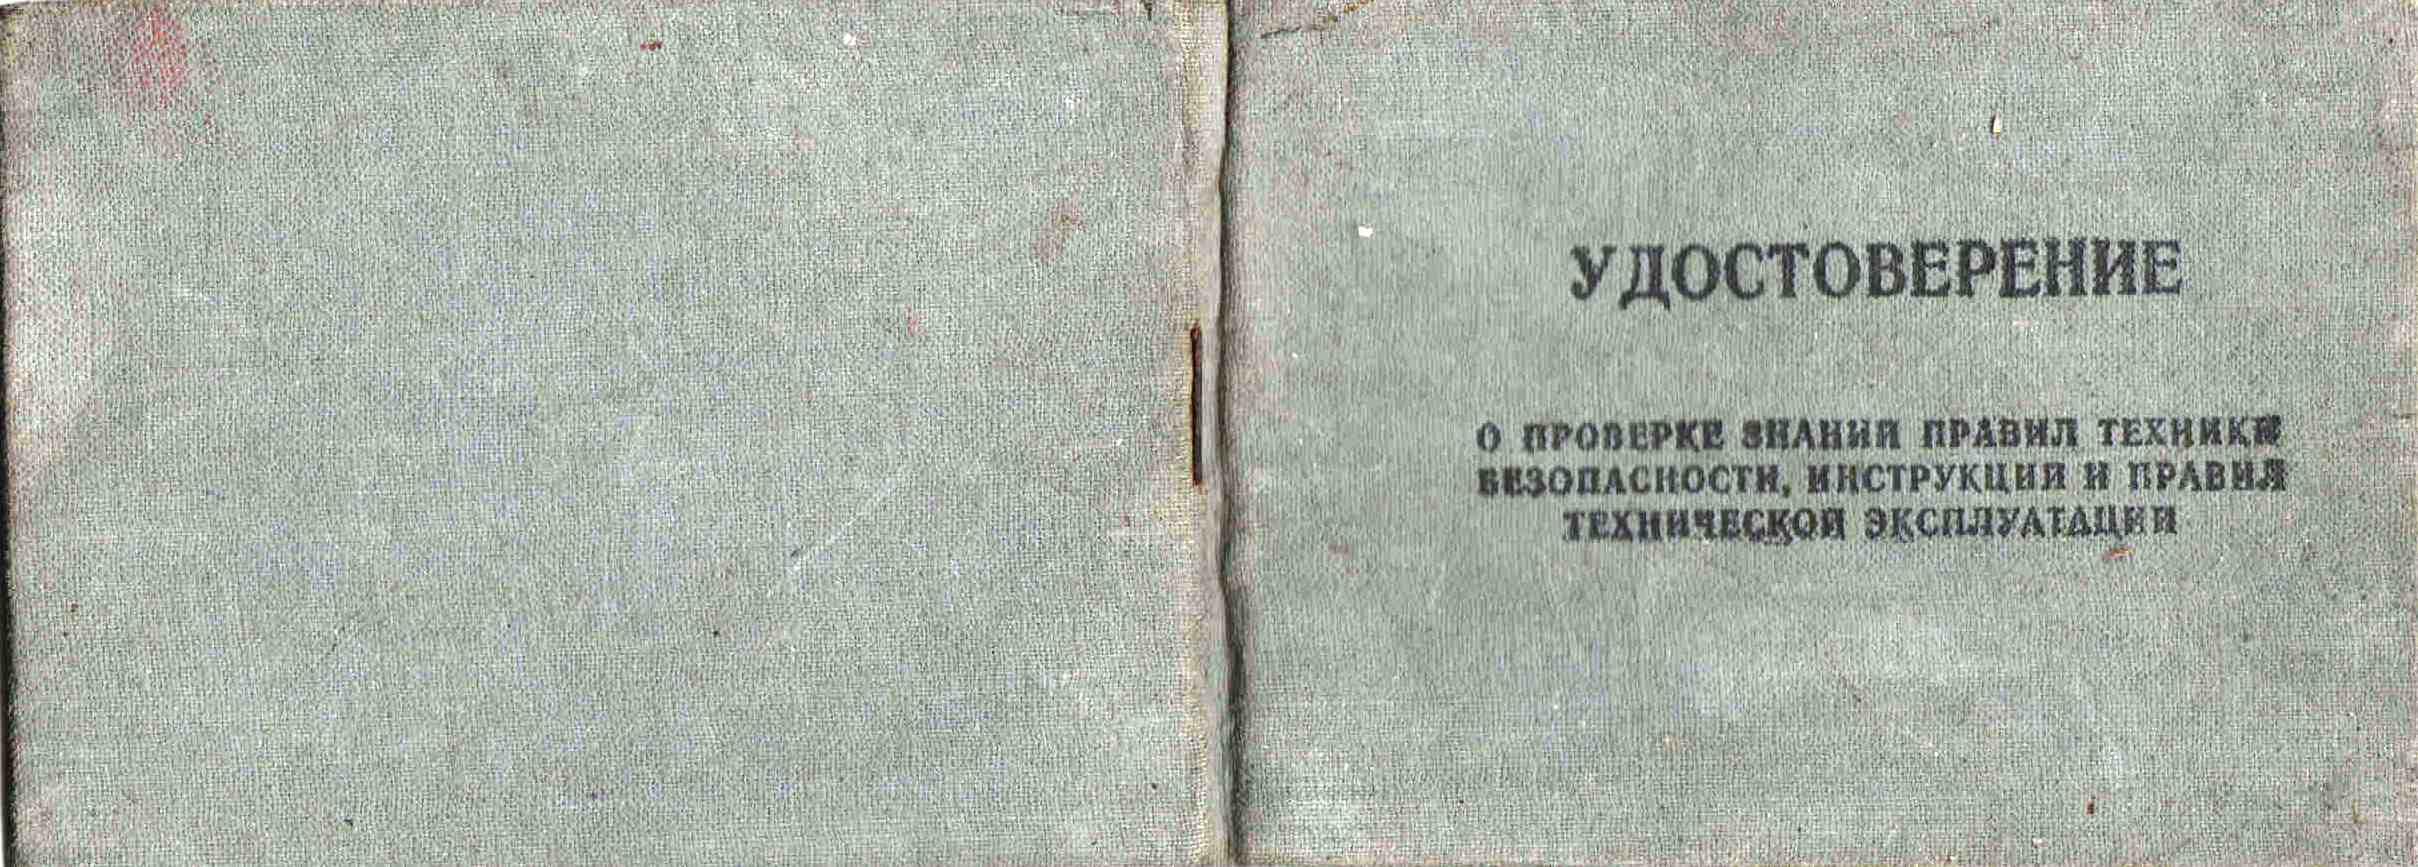 15. Удостоверение вальщика леса бензопилой Дружба, 1960 г.